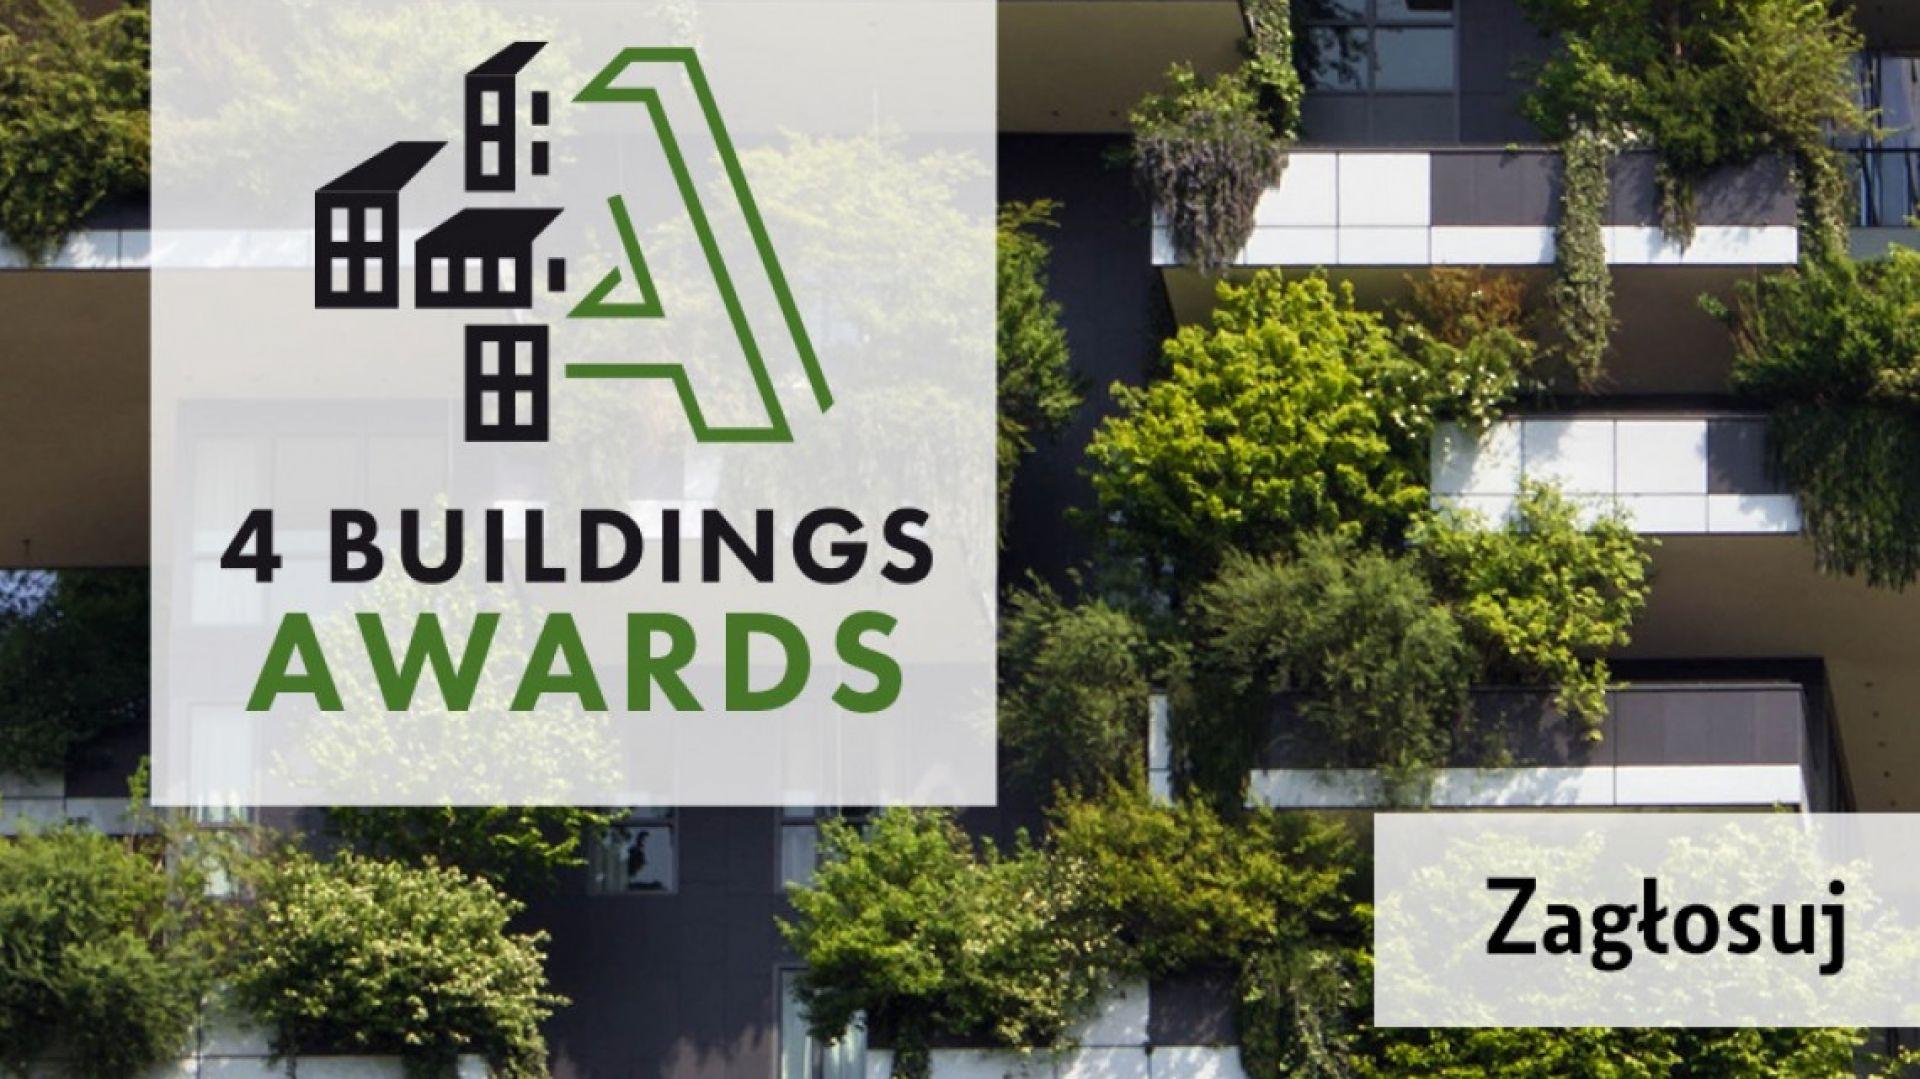 4 Buidlings Awards